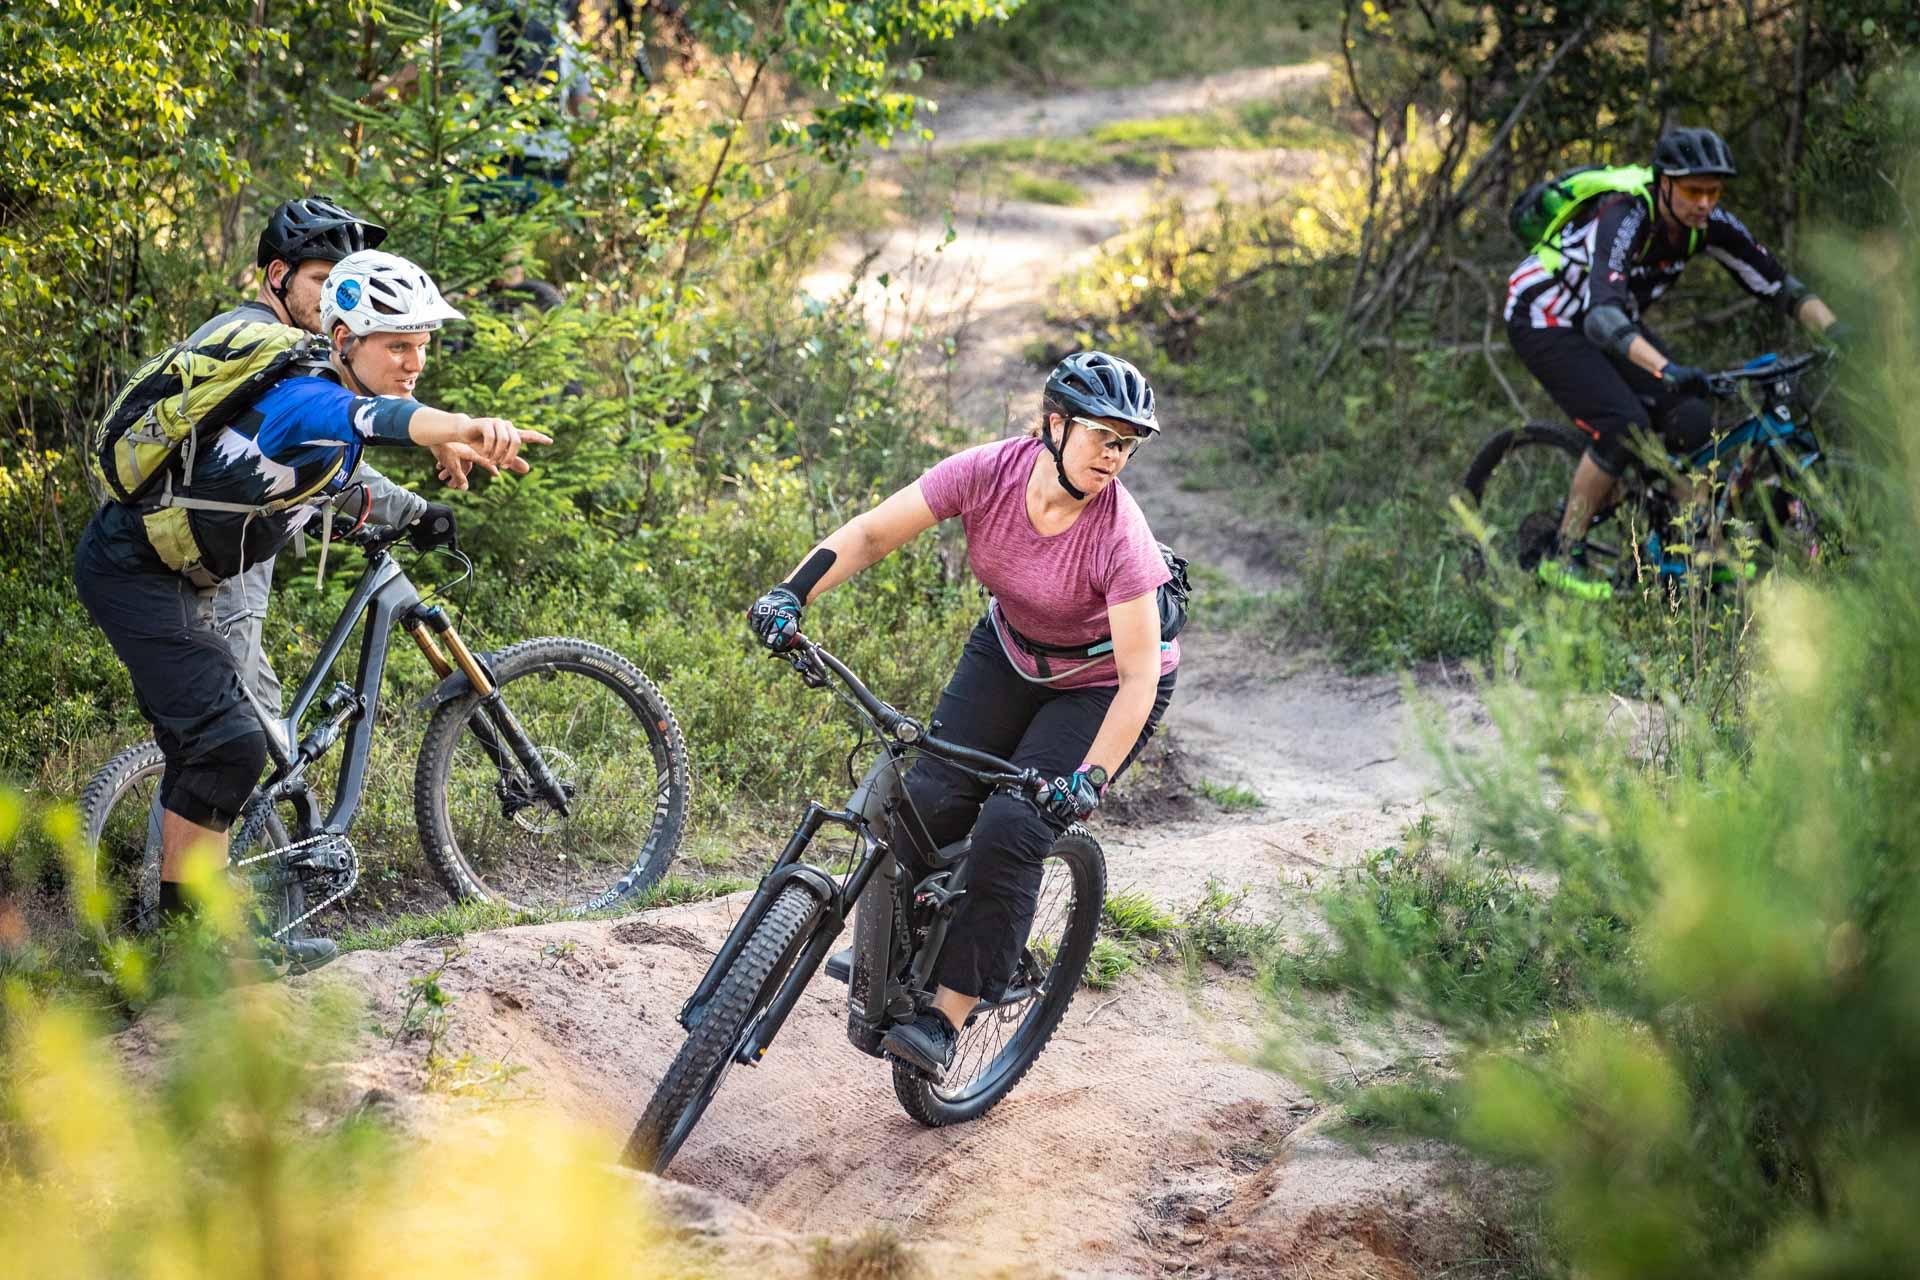 eMTB Fortgeschritten Fahrtechnik Kurs in Bad Orb Spessart - Rock my Trail Bikeschule - 8